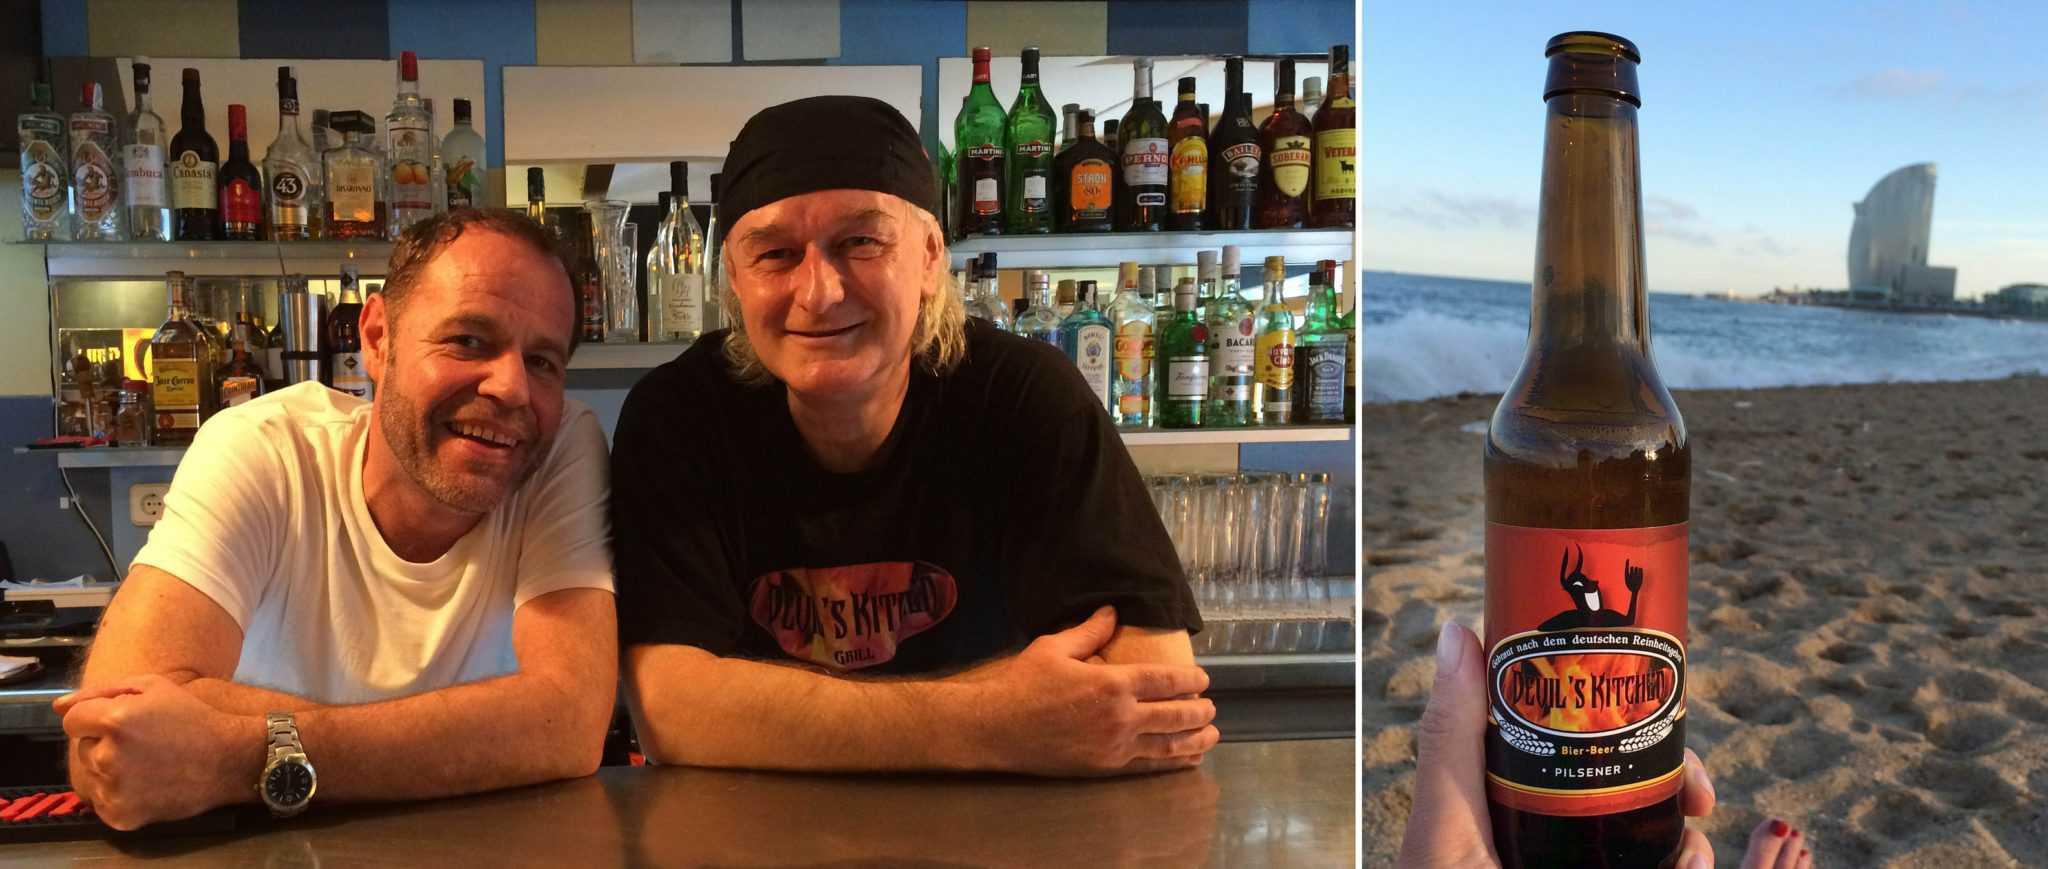 Restaurant eröffnen in Barcelona: Devil's Kitchen – Deutsches Essen